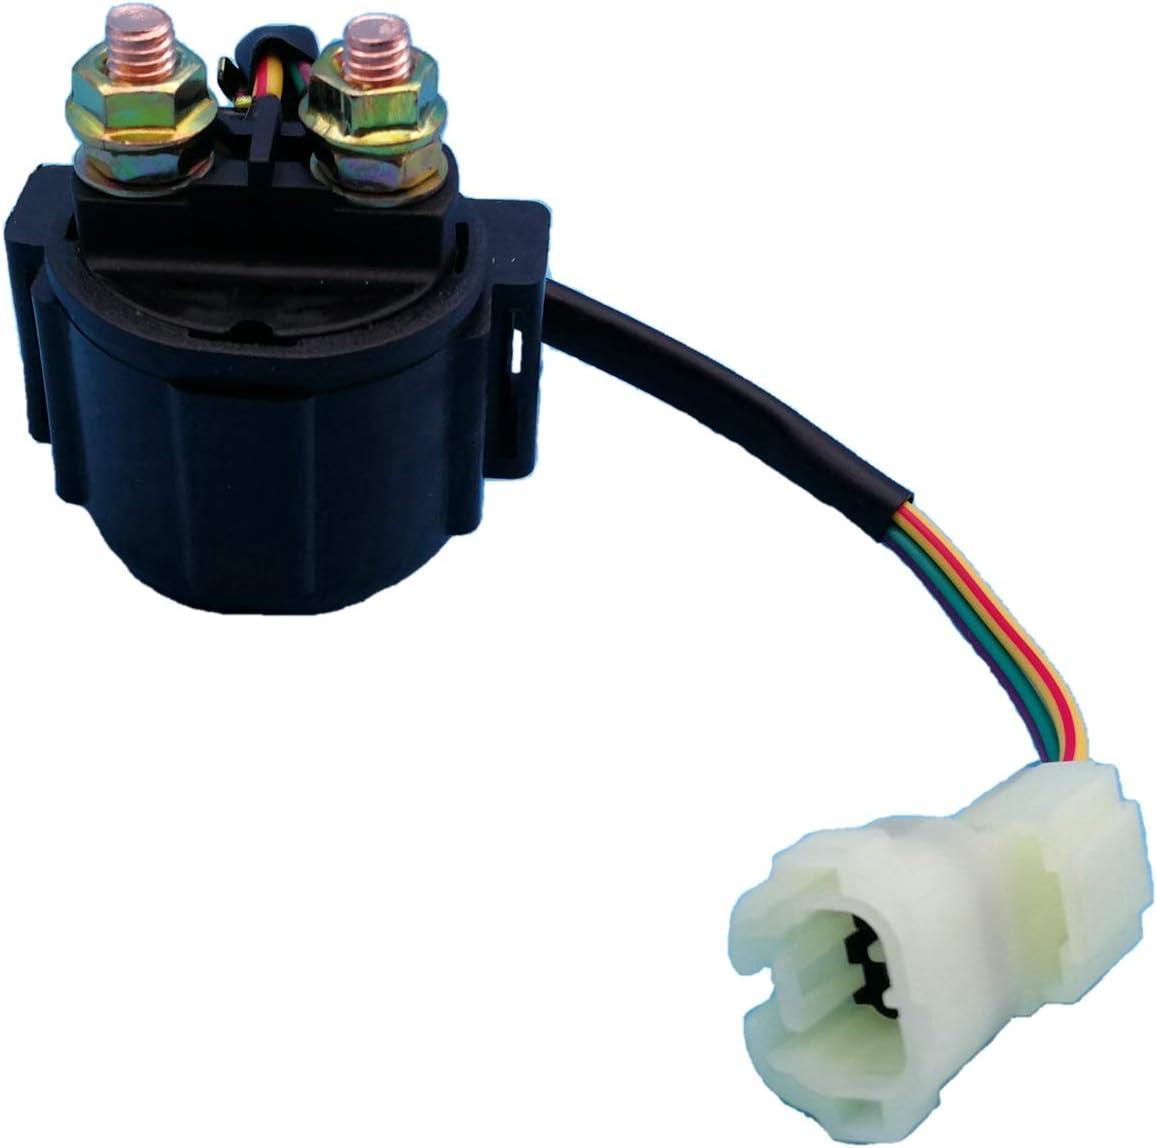 ROADFAR starter relay solenoid fit for 2005-2009 2011-2014 2016 Honda Recon 250 ER2350RE151DM